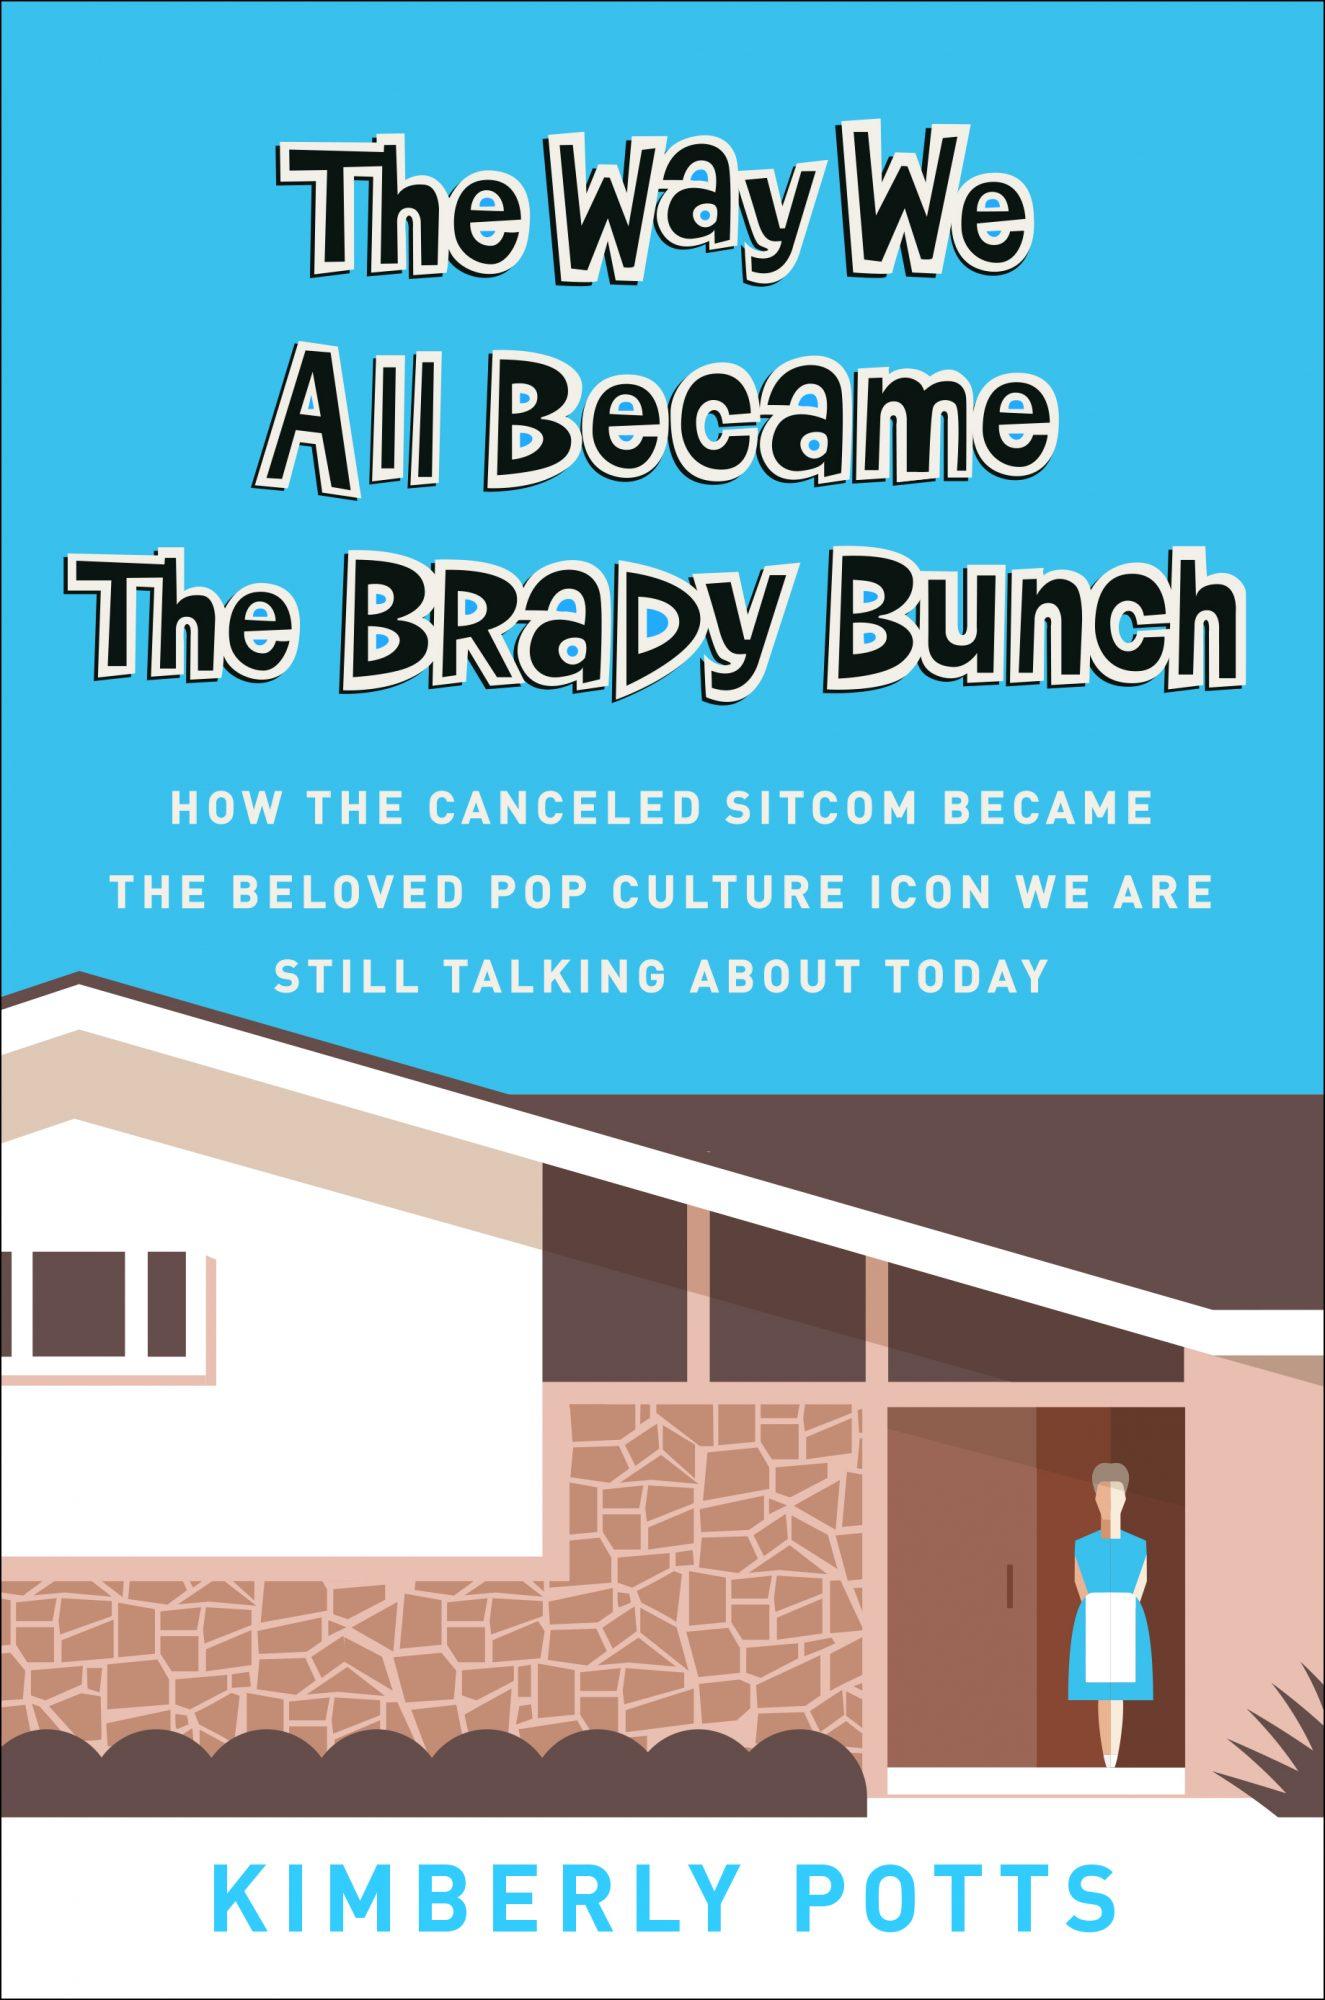 Brady Bunch.indd